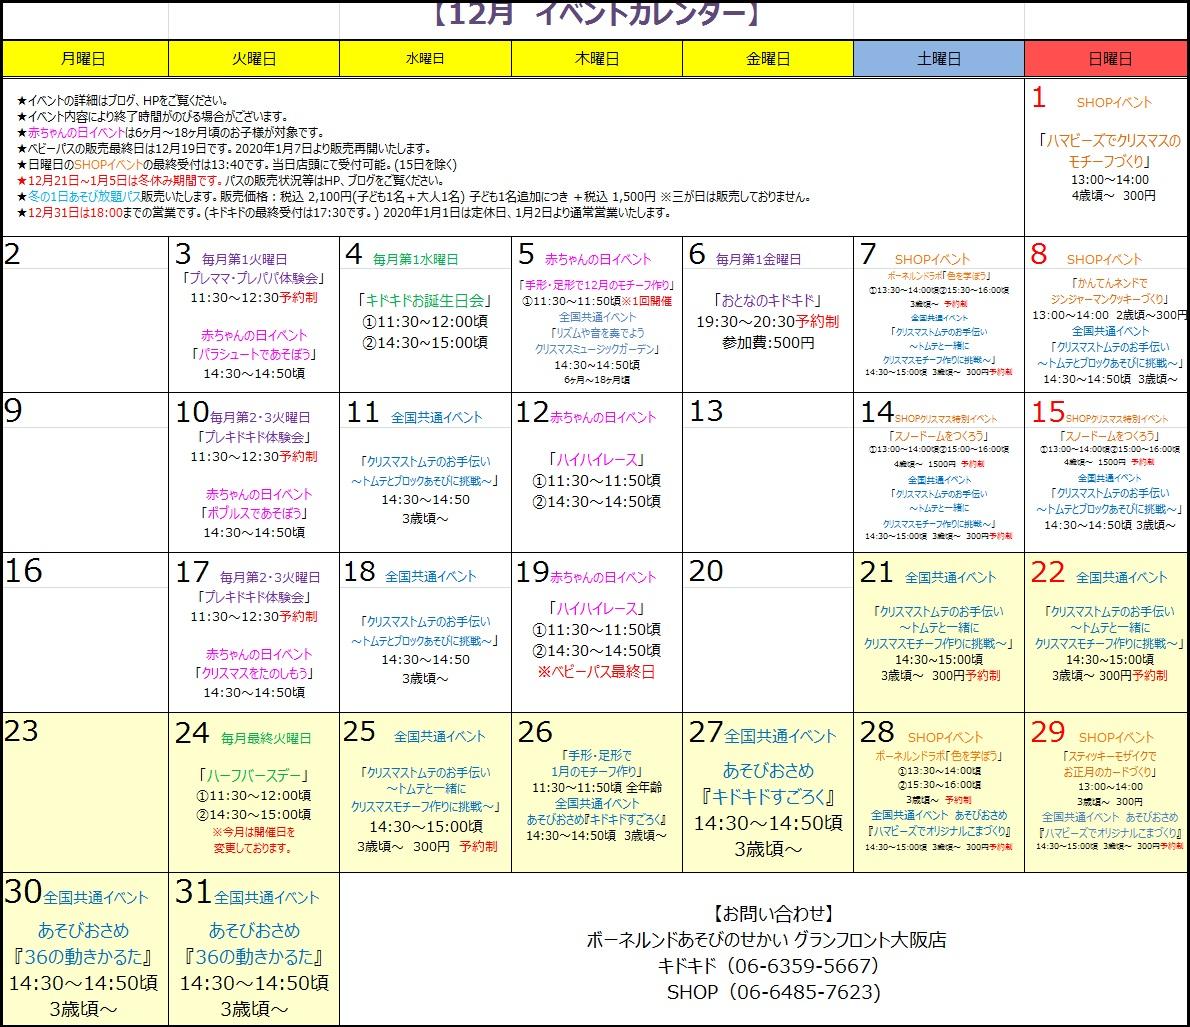 2019年12月イベントカレンダー